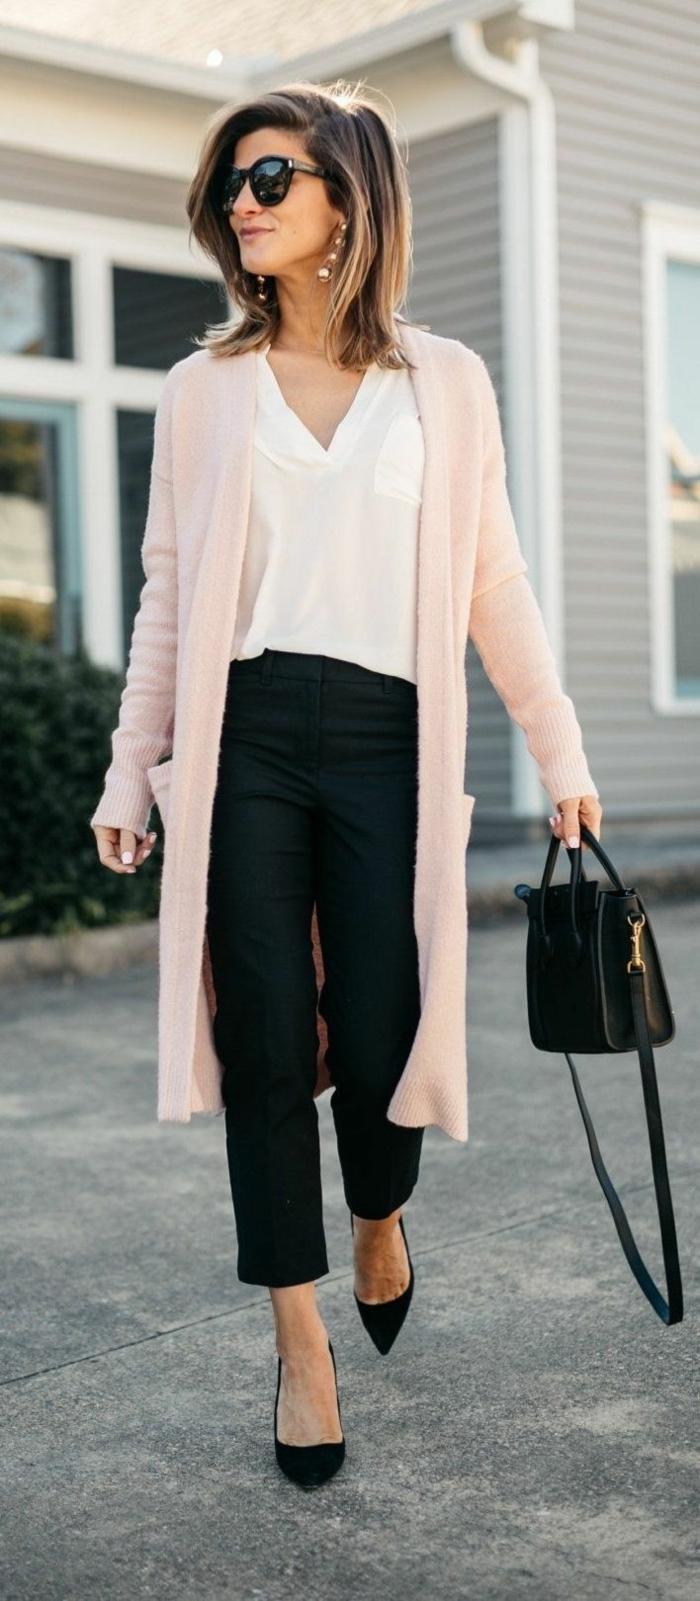 paleta de colores, combinaciones de colores clásicas, chaleco color rosado combinado con blusa blanca y pantalones negros